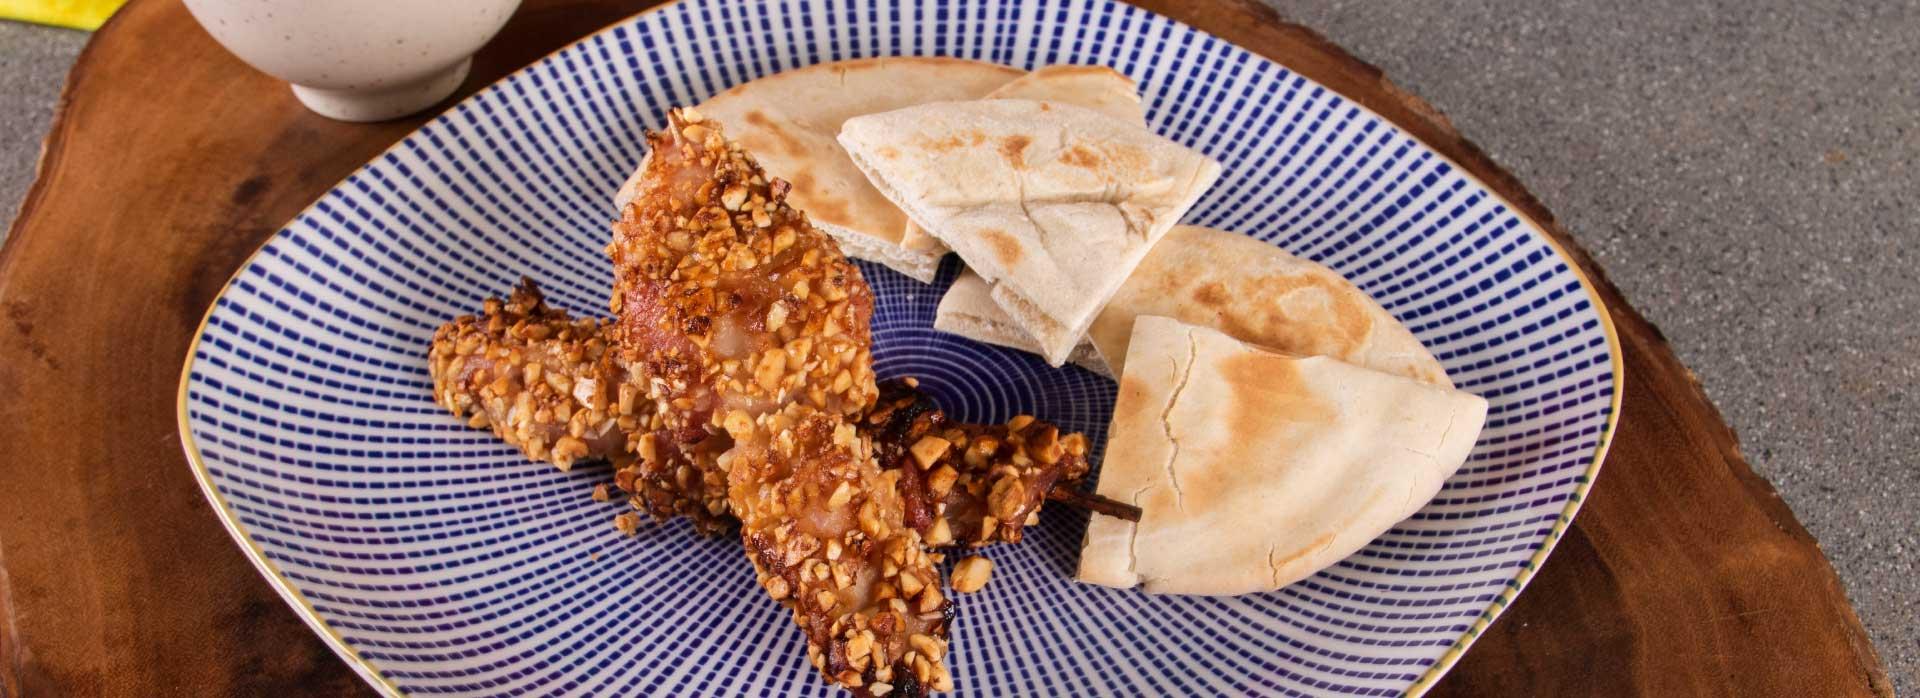 Receta de chuzos de pollo con miel y maní